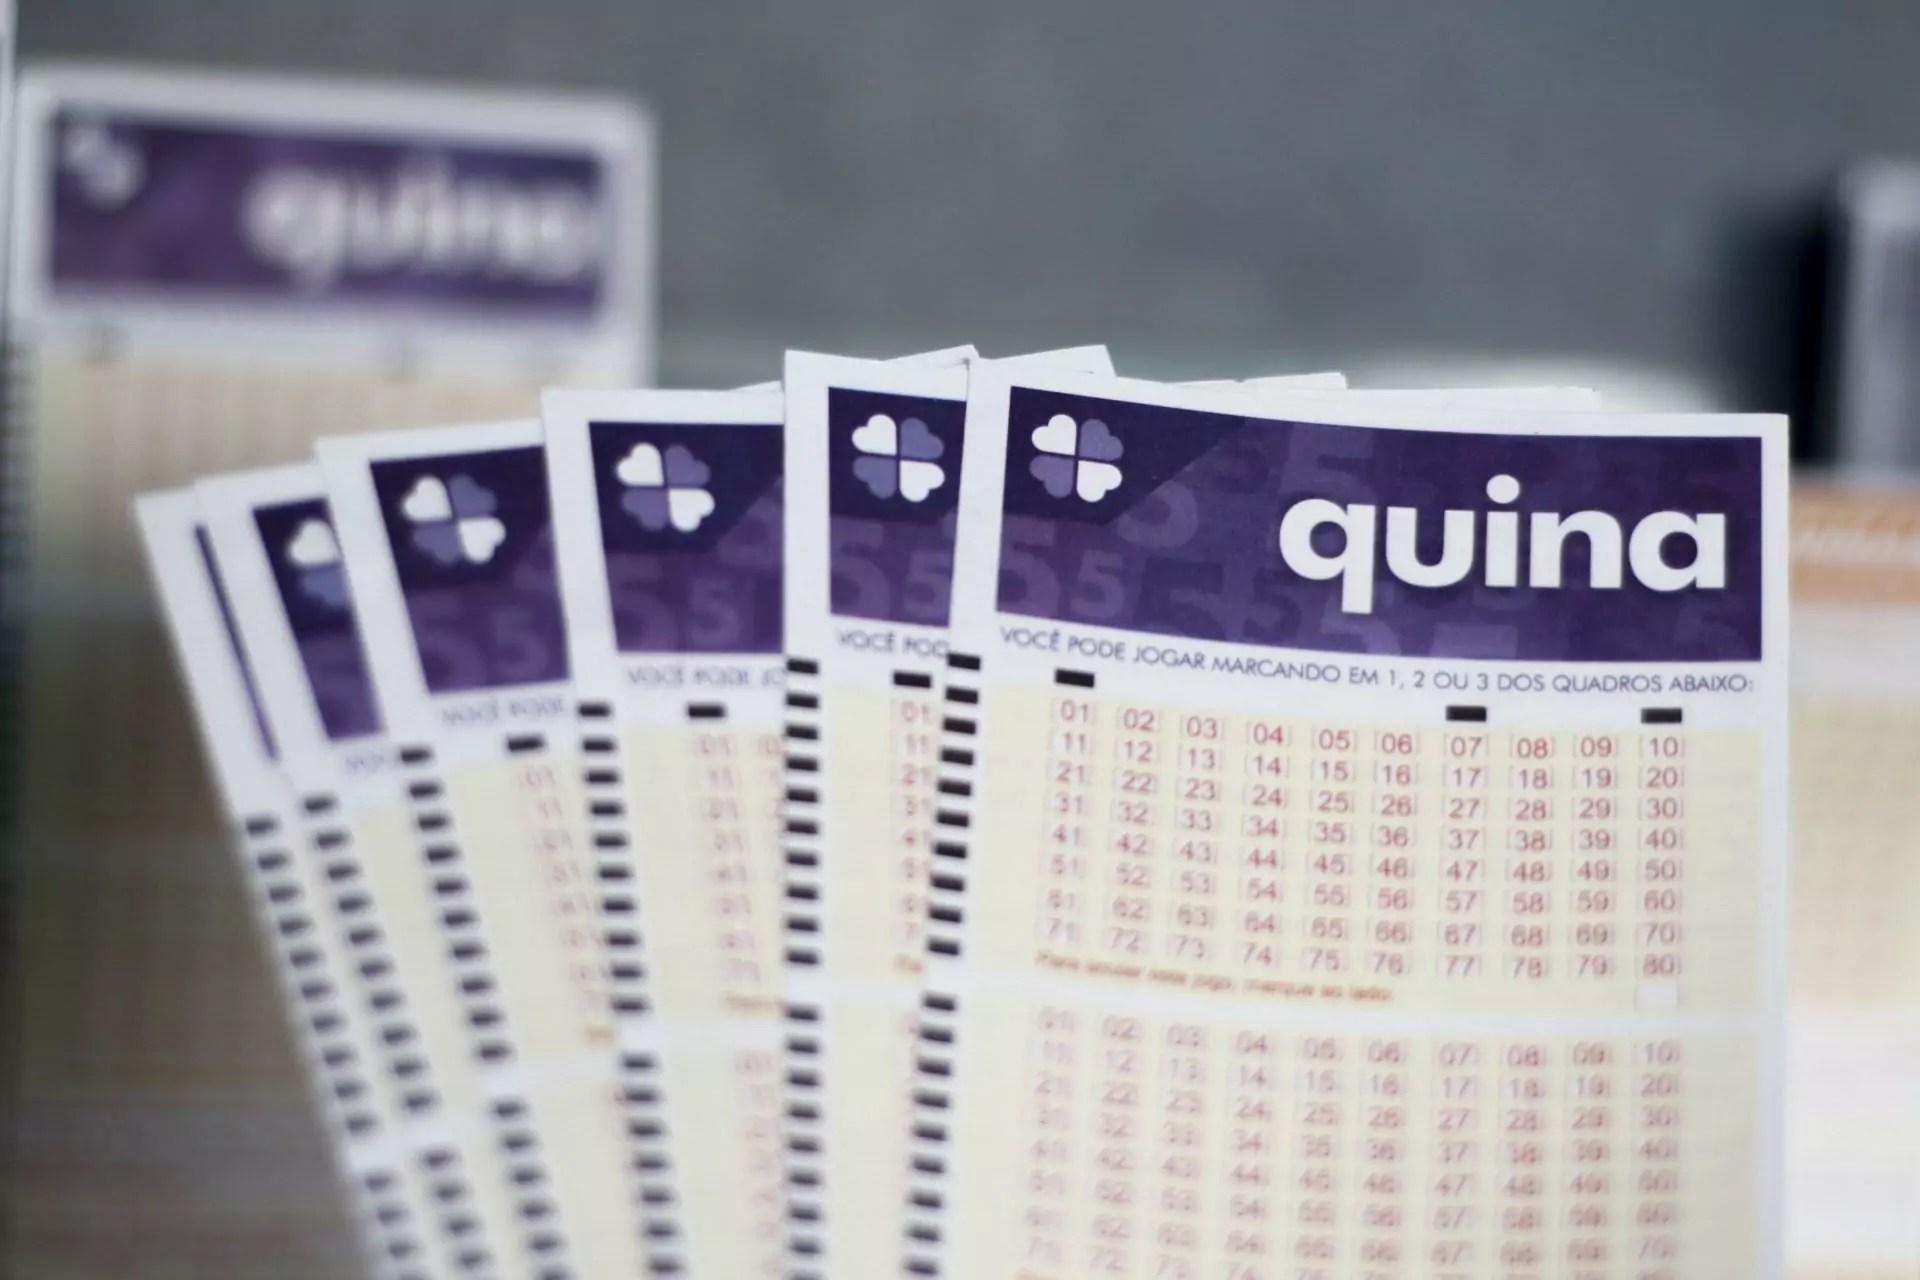 Quina 5396 - A imagem mostra um leque de volantes da Quina